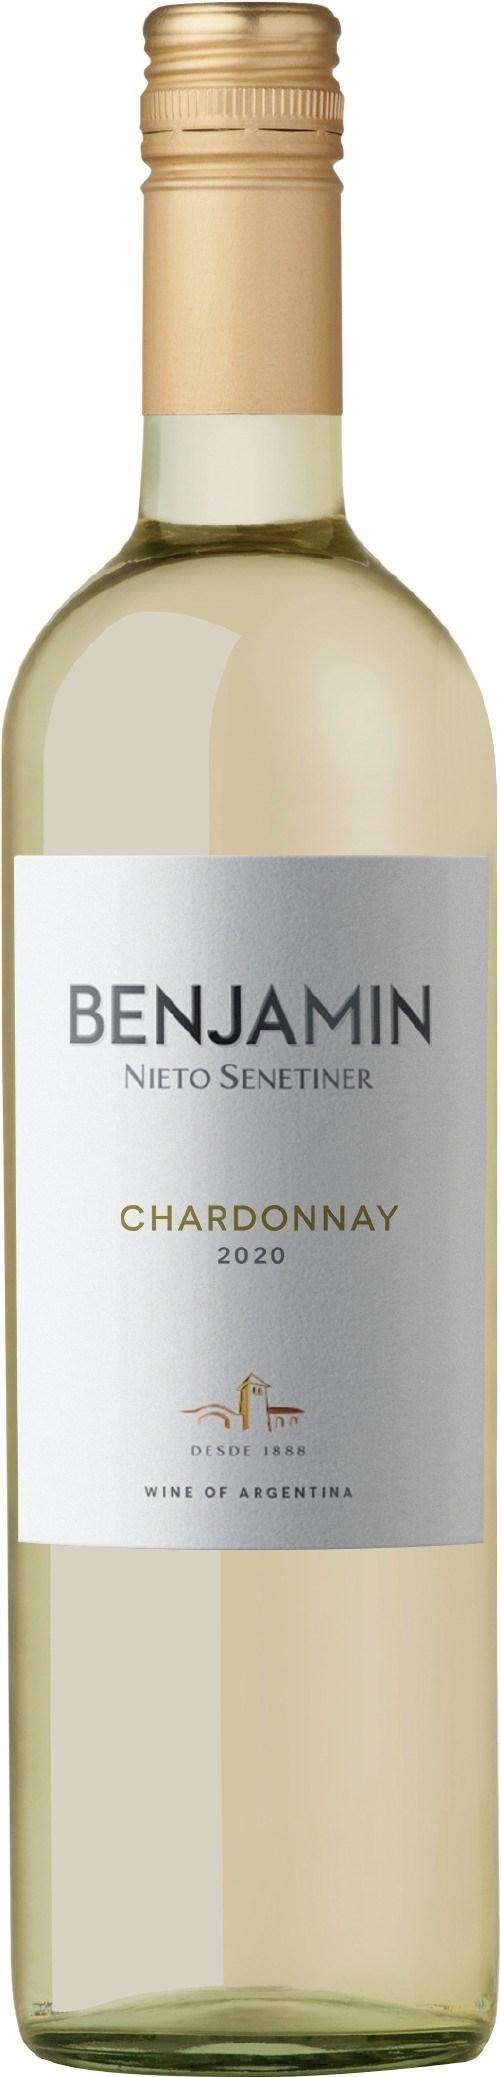 BENJAMIN CHARDONNAY X 750 ML